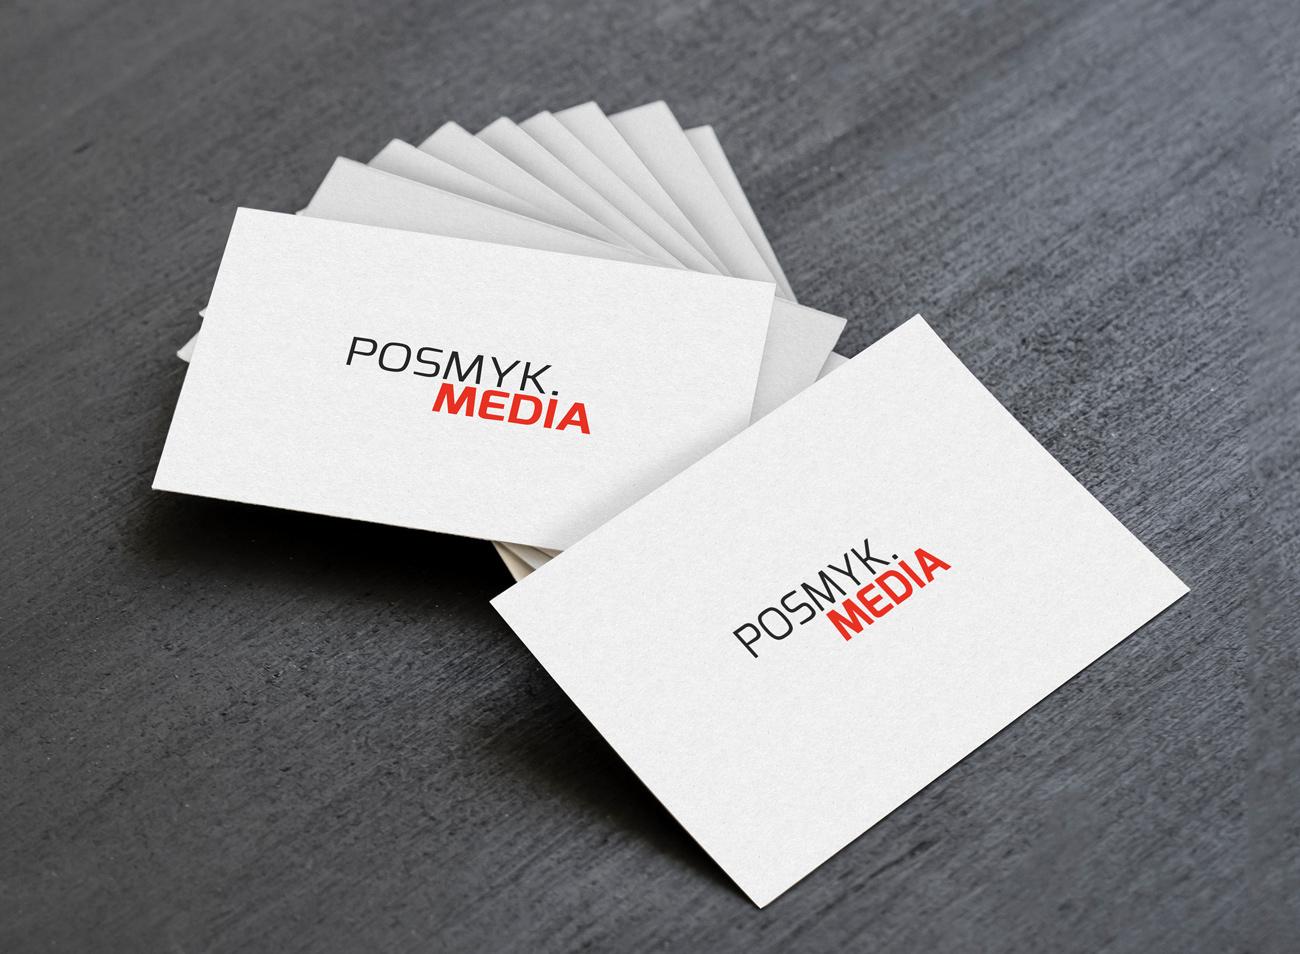 Posmyk-Media Visitenkarten